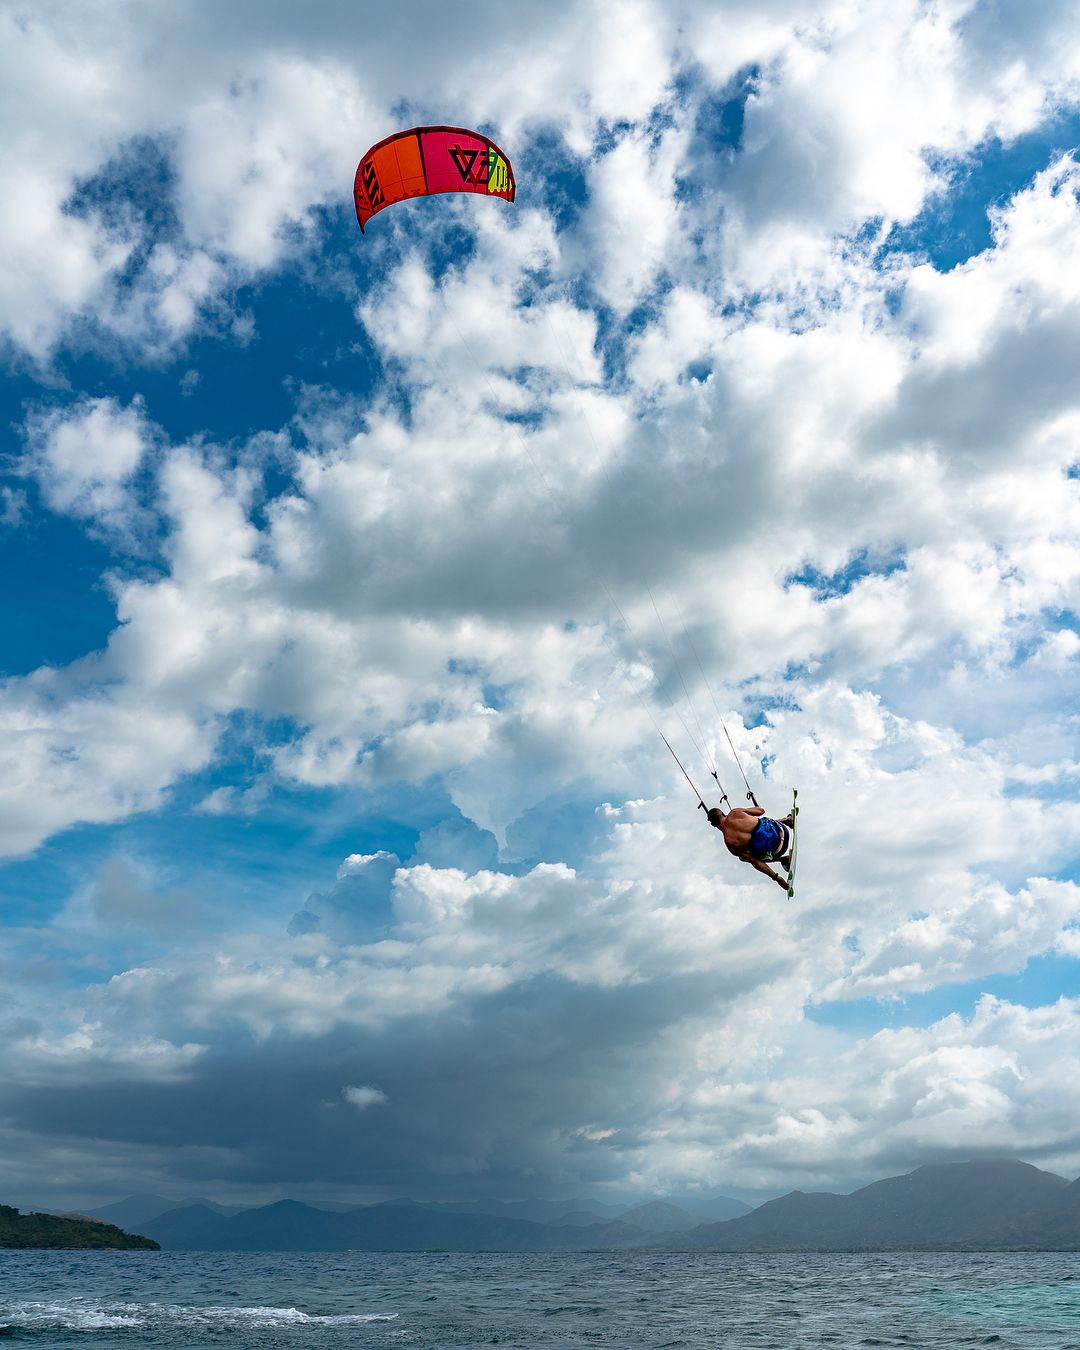 KiteSurf IMG 1 by HaitiUncut